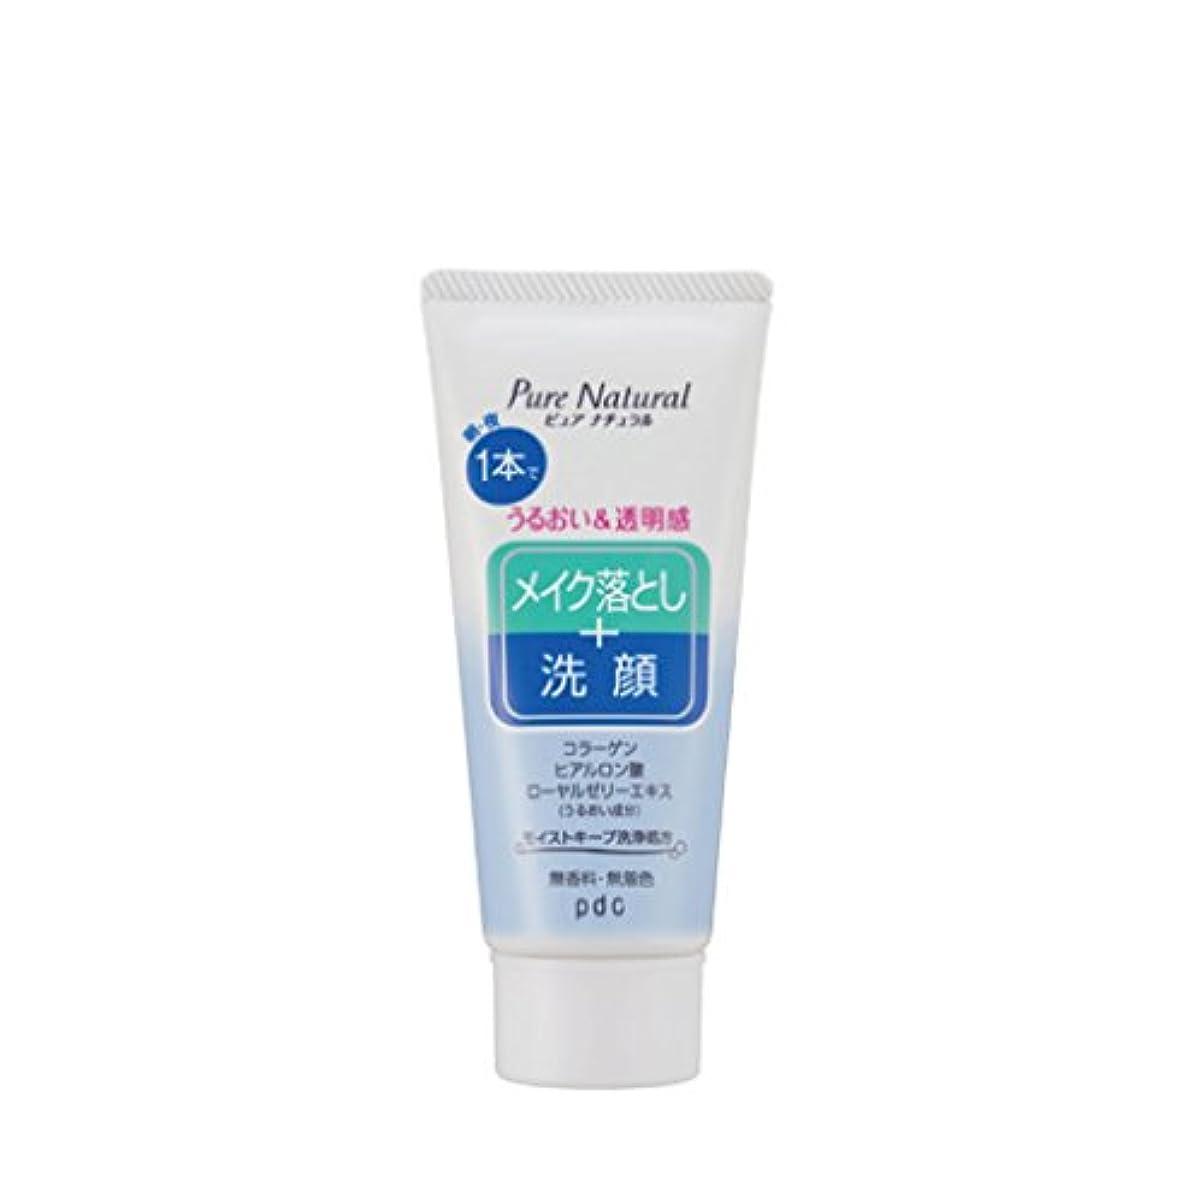 プロトタイプ一月うぬぼれたPure NATURAL(ピュアナチュラル) クレンジング洗顔 (ミニサイズ) 70g